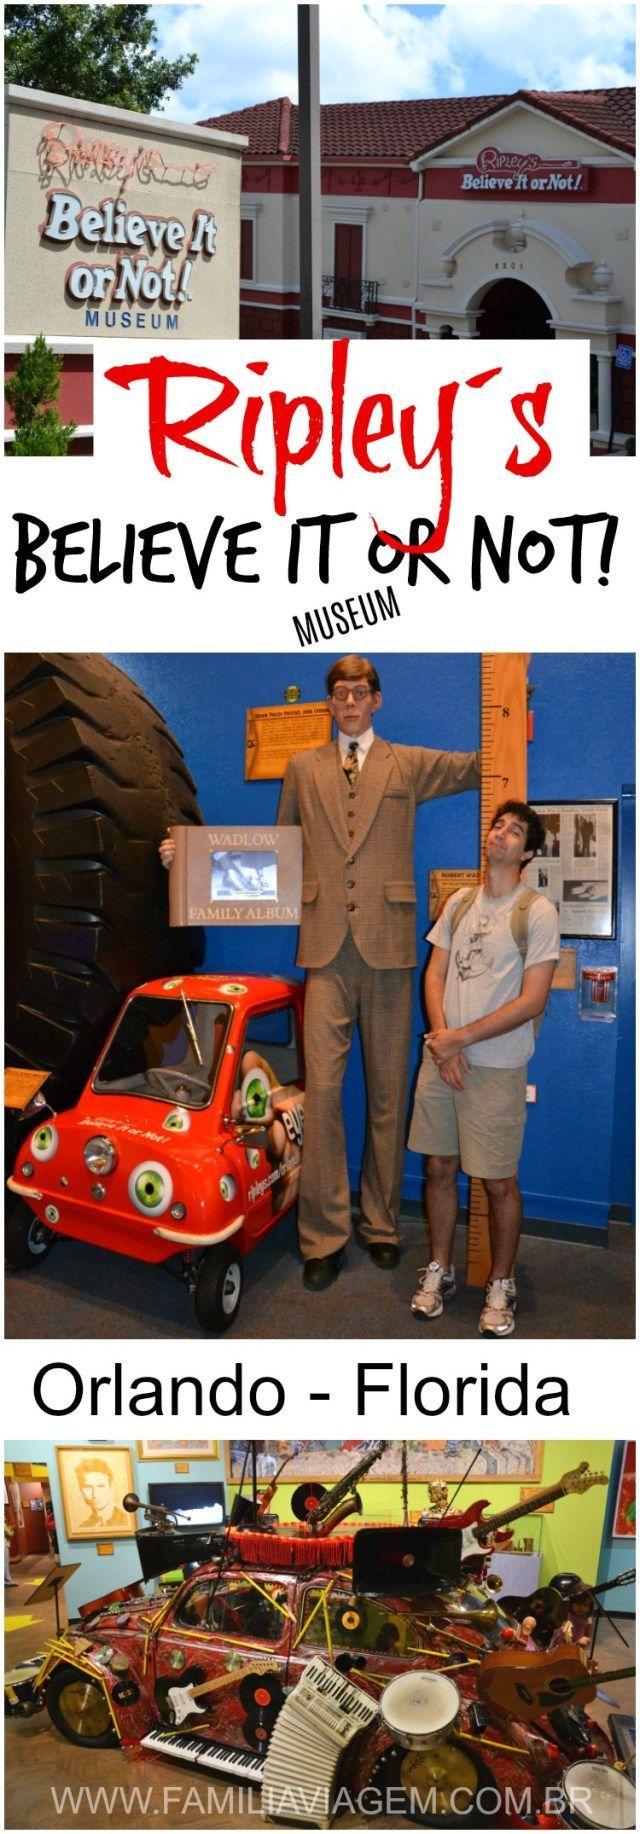 O Ripley's Believe It or Not! Museum chama a atenção de quem passa pela International Drive, em Orlando. É a famosa casa torta e que abriga uma vasta coleção de objetos curiosos, bizarros e divertidos. É uma atração que promete diversão pra toda a Família. (Orlando, Florida, Estados Unidos)